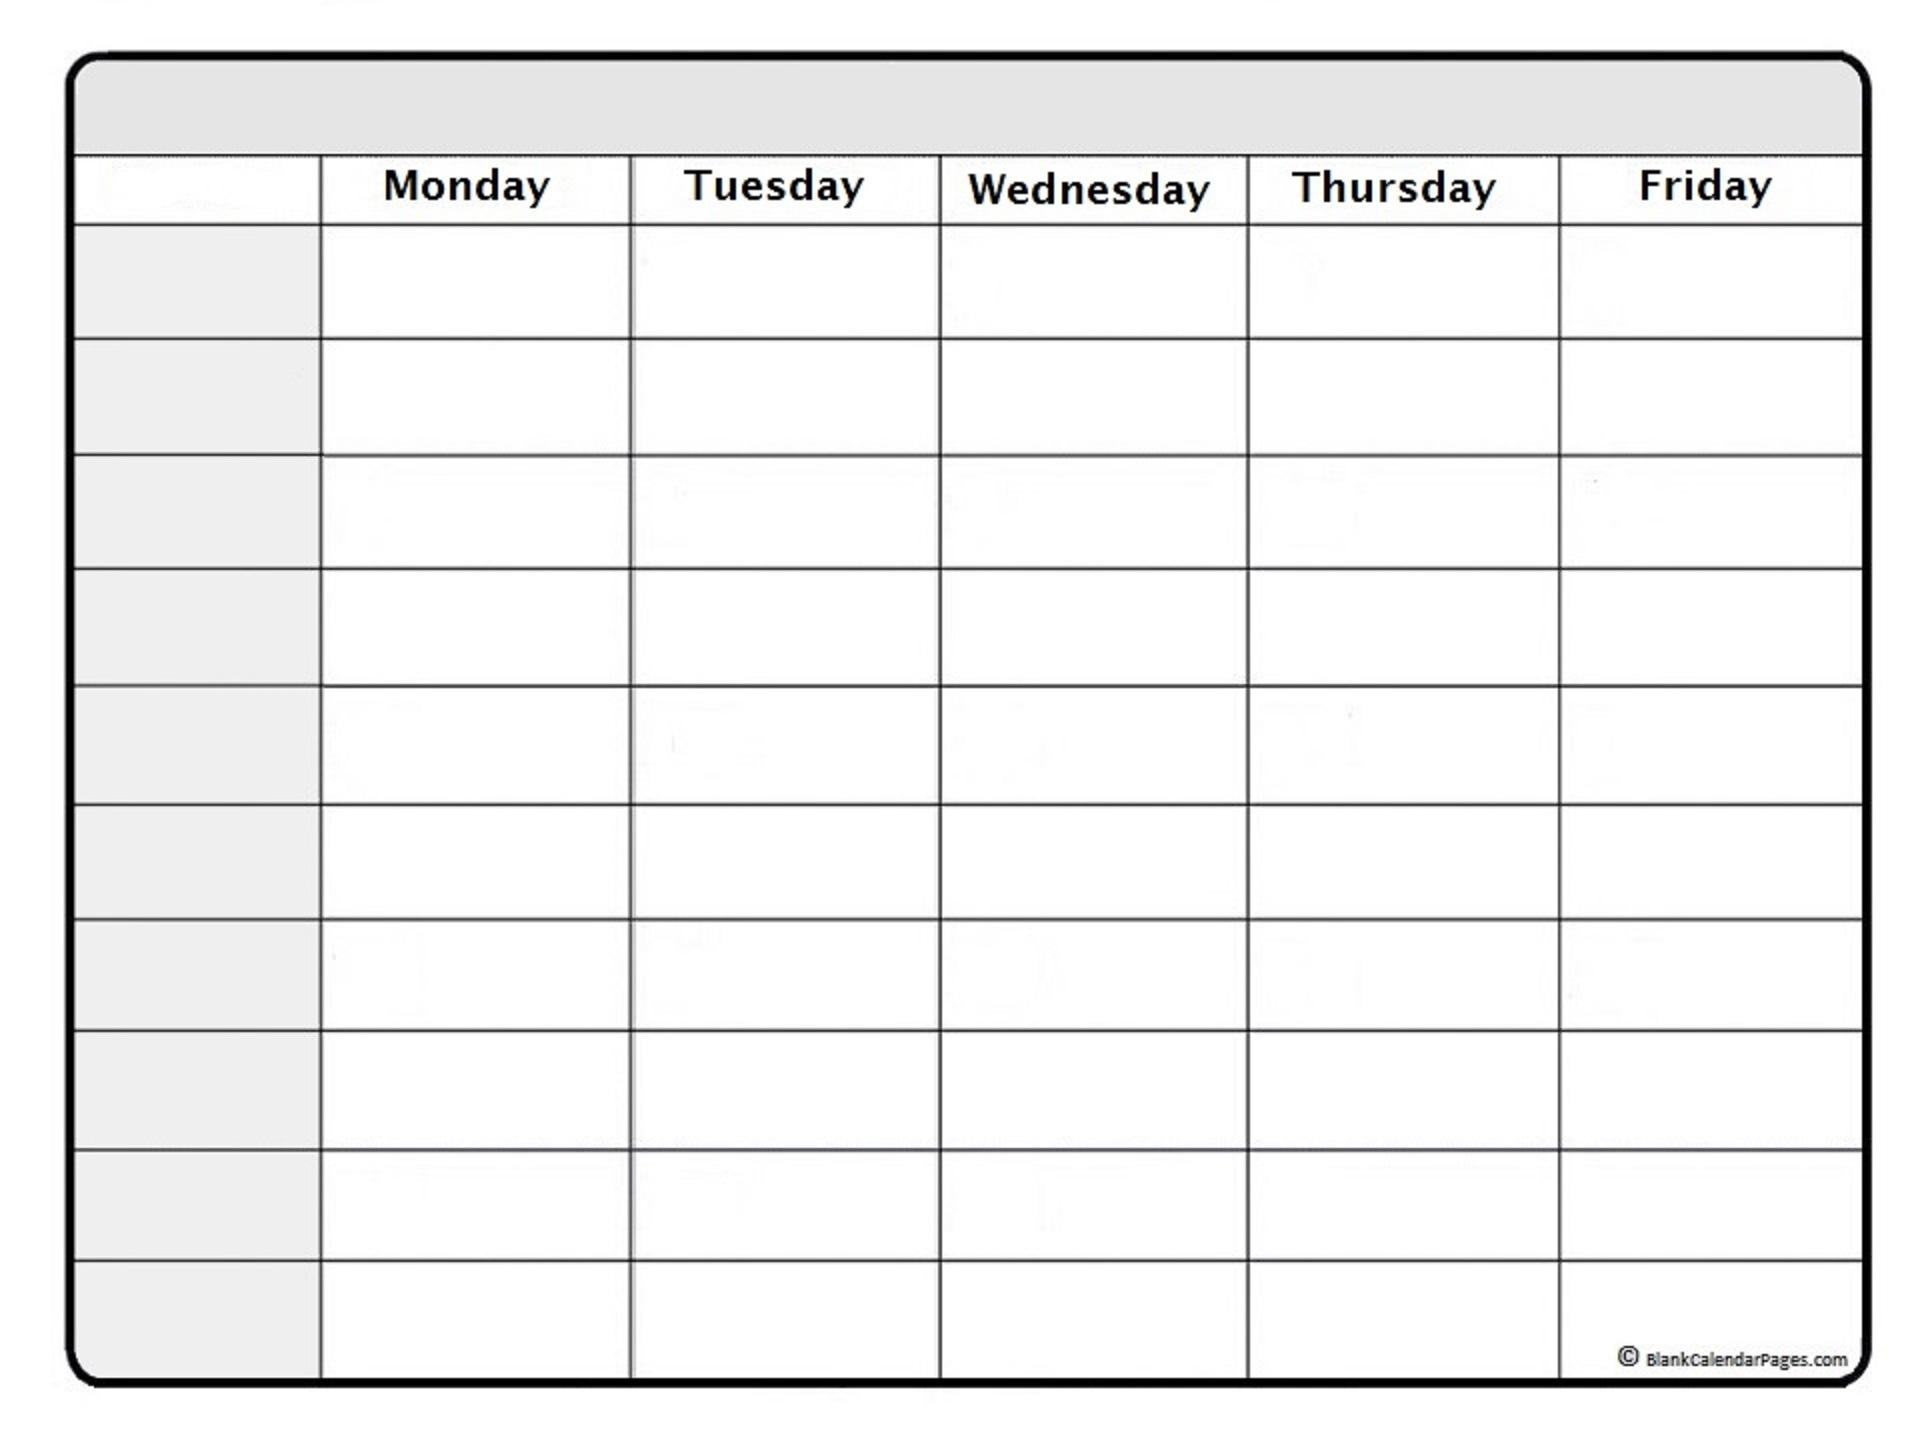 December 2020 Weekly Calendar   December 2020 Weekly Free Calendar Weekly Template